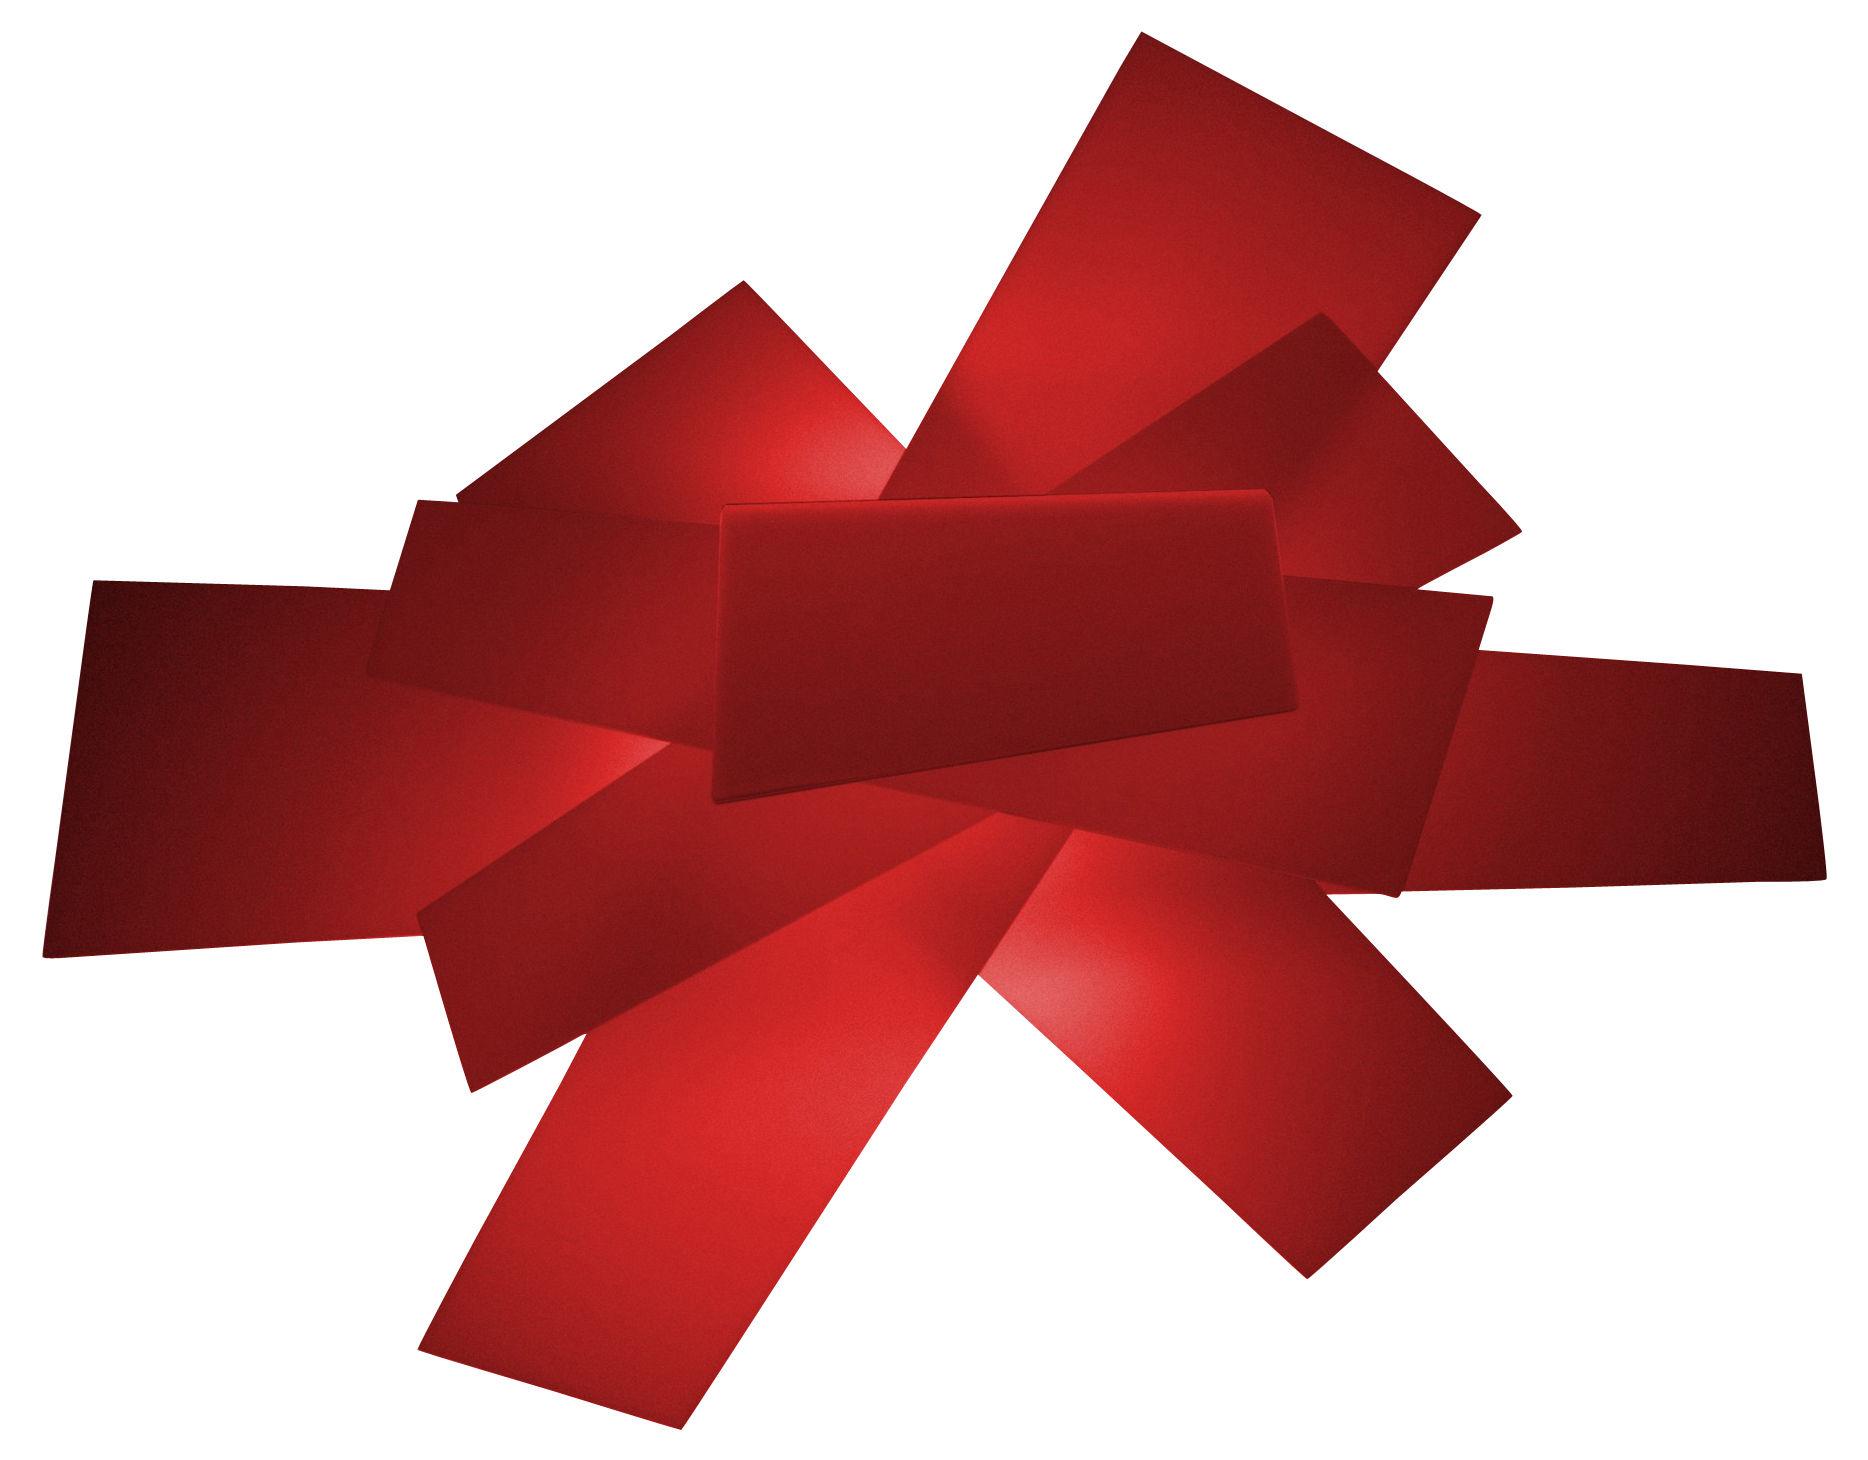 Plafoniera Foscarini : Scopri applique big bang plafoniera rosso di foscarini made in